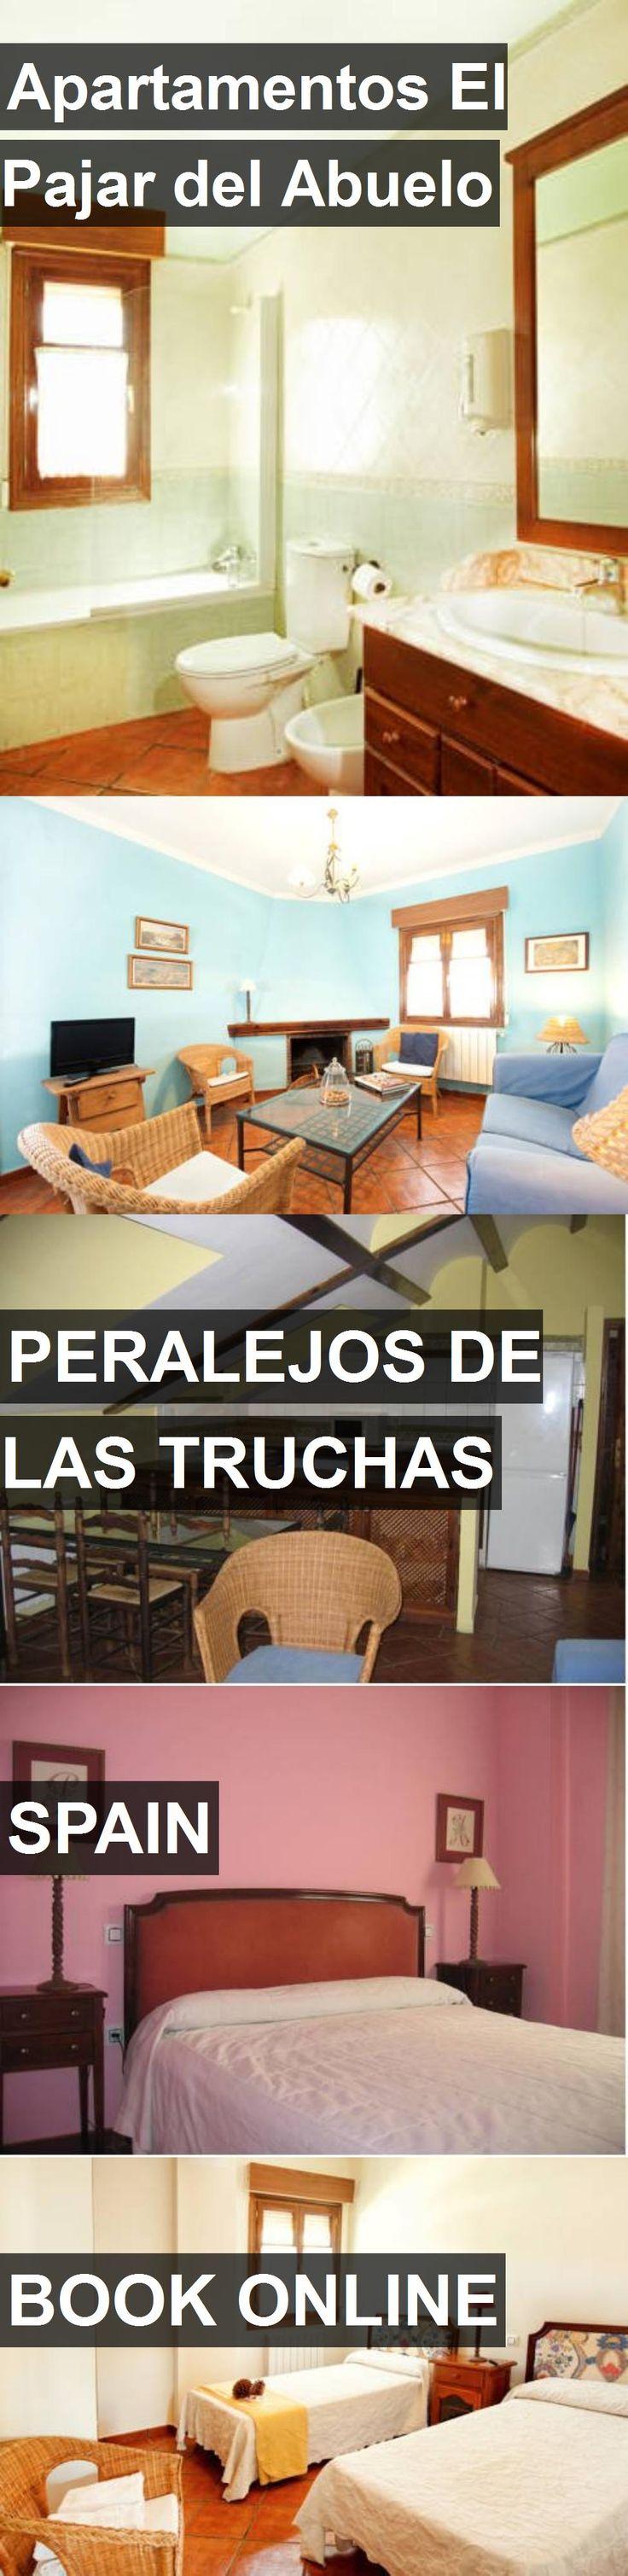 Hotel Apartamentos El Pajar del Abuelo in Peralejos de las Truchas, Spain. For more information, photos, reviews and best prices please follow the link. #Spain #PeralejosdelasTruchas #ApartamentosElPajardelAbuelo #hotel #travel #vacation